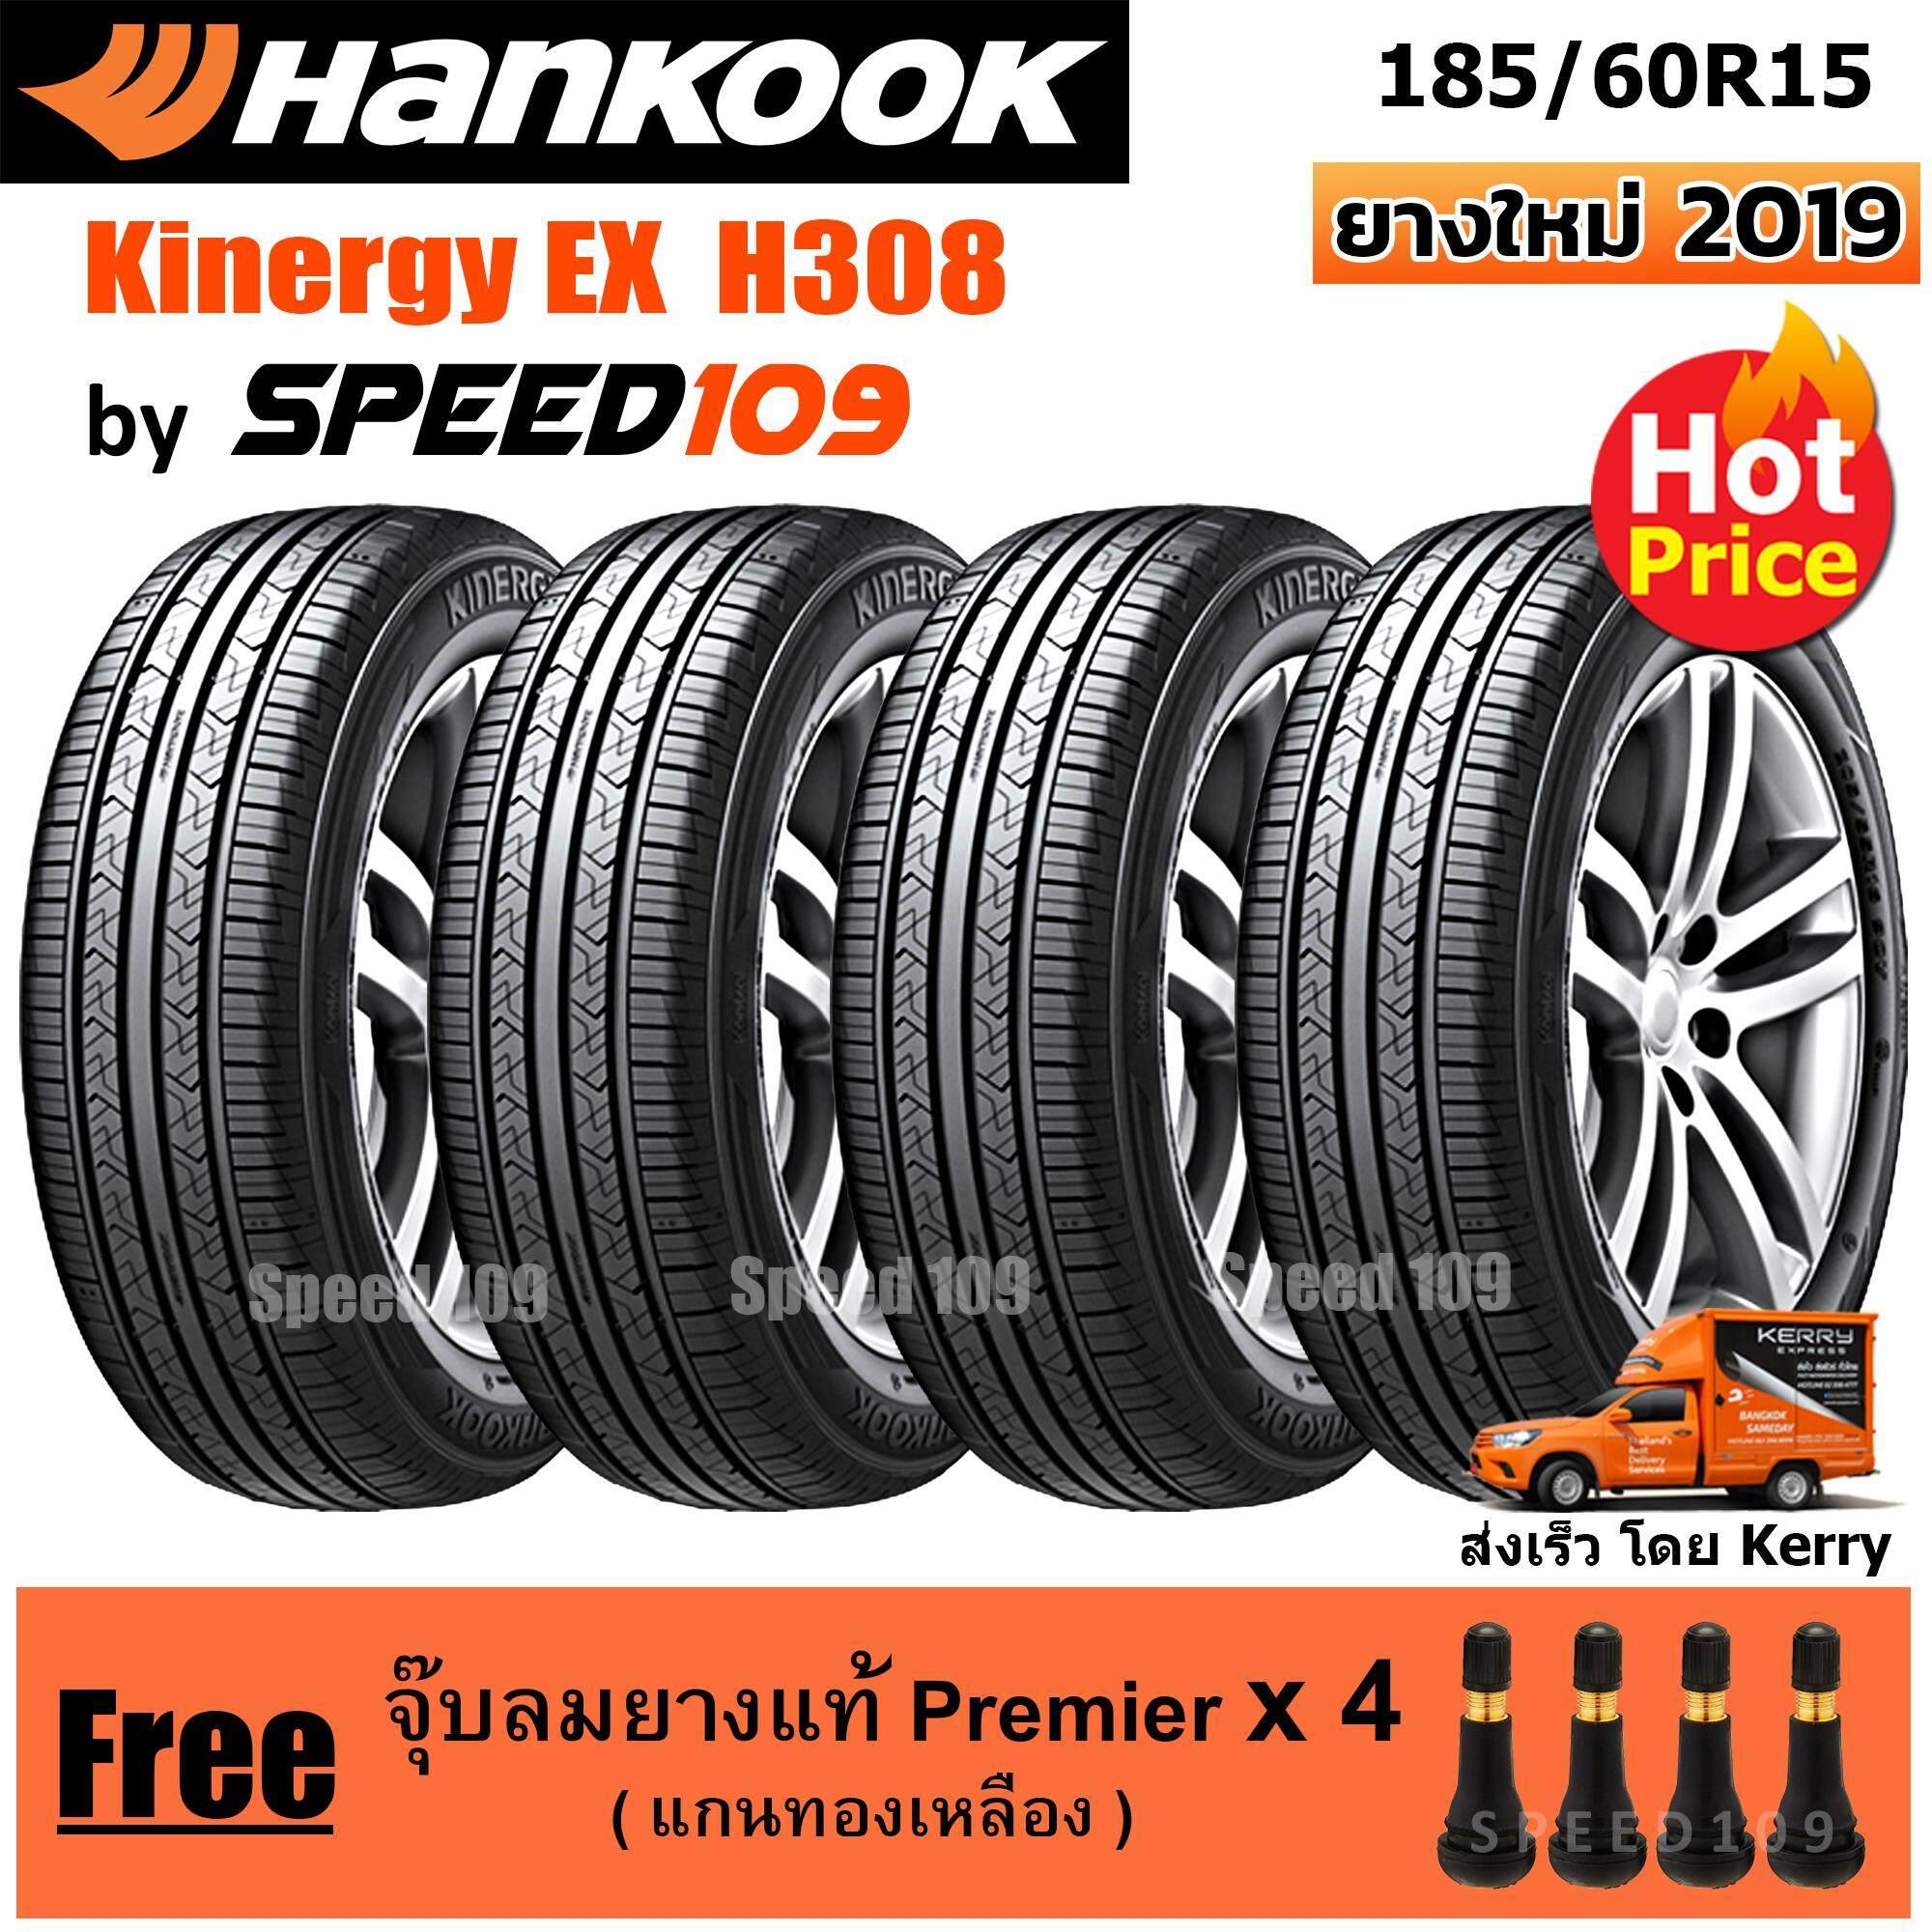 ประกันภัย รถยนต์ ชั้น 3 ราคา ถูก หนองคาย HANKOOK ยางรถยนต์ ขอบ 15 ขนาด 185/60R15 รุ่น Kinergy EX H308 - 4 เส้น (ปี 2019)